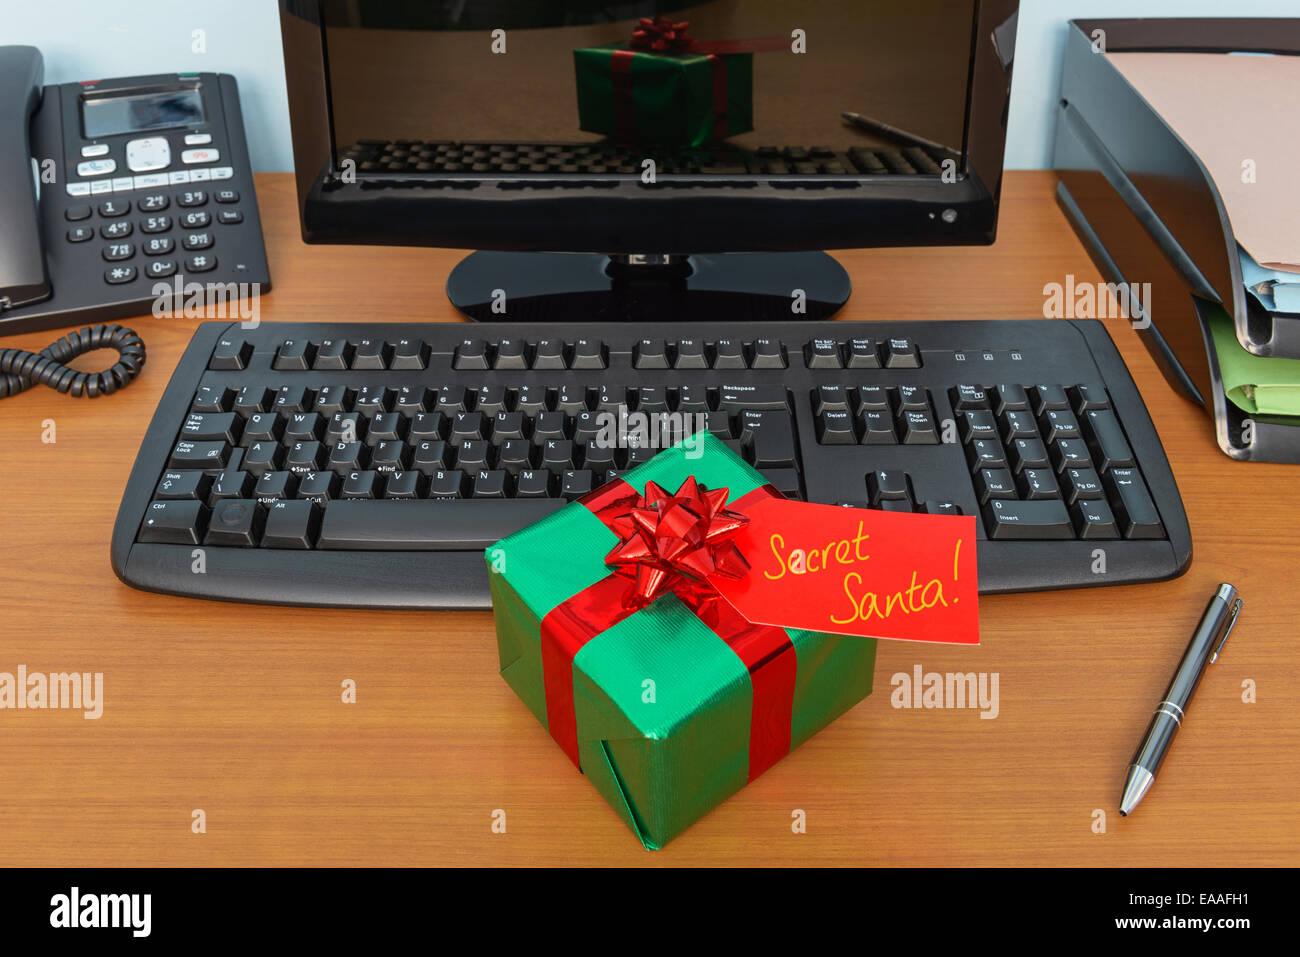 Buro Weihnachten Secret Santa Geschenk Geschenk Verpackt Und Tag Auf